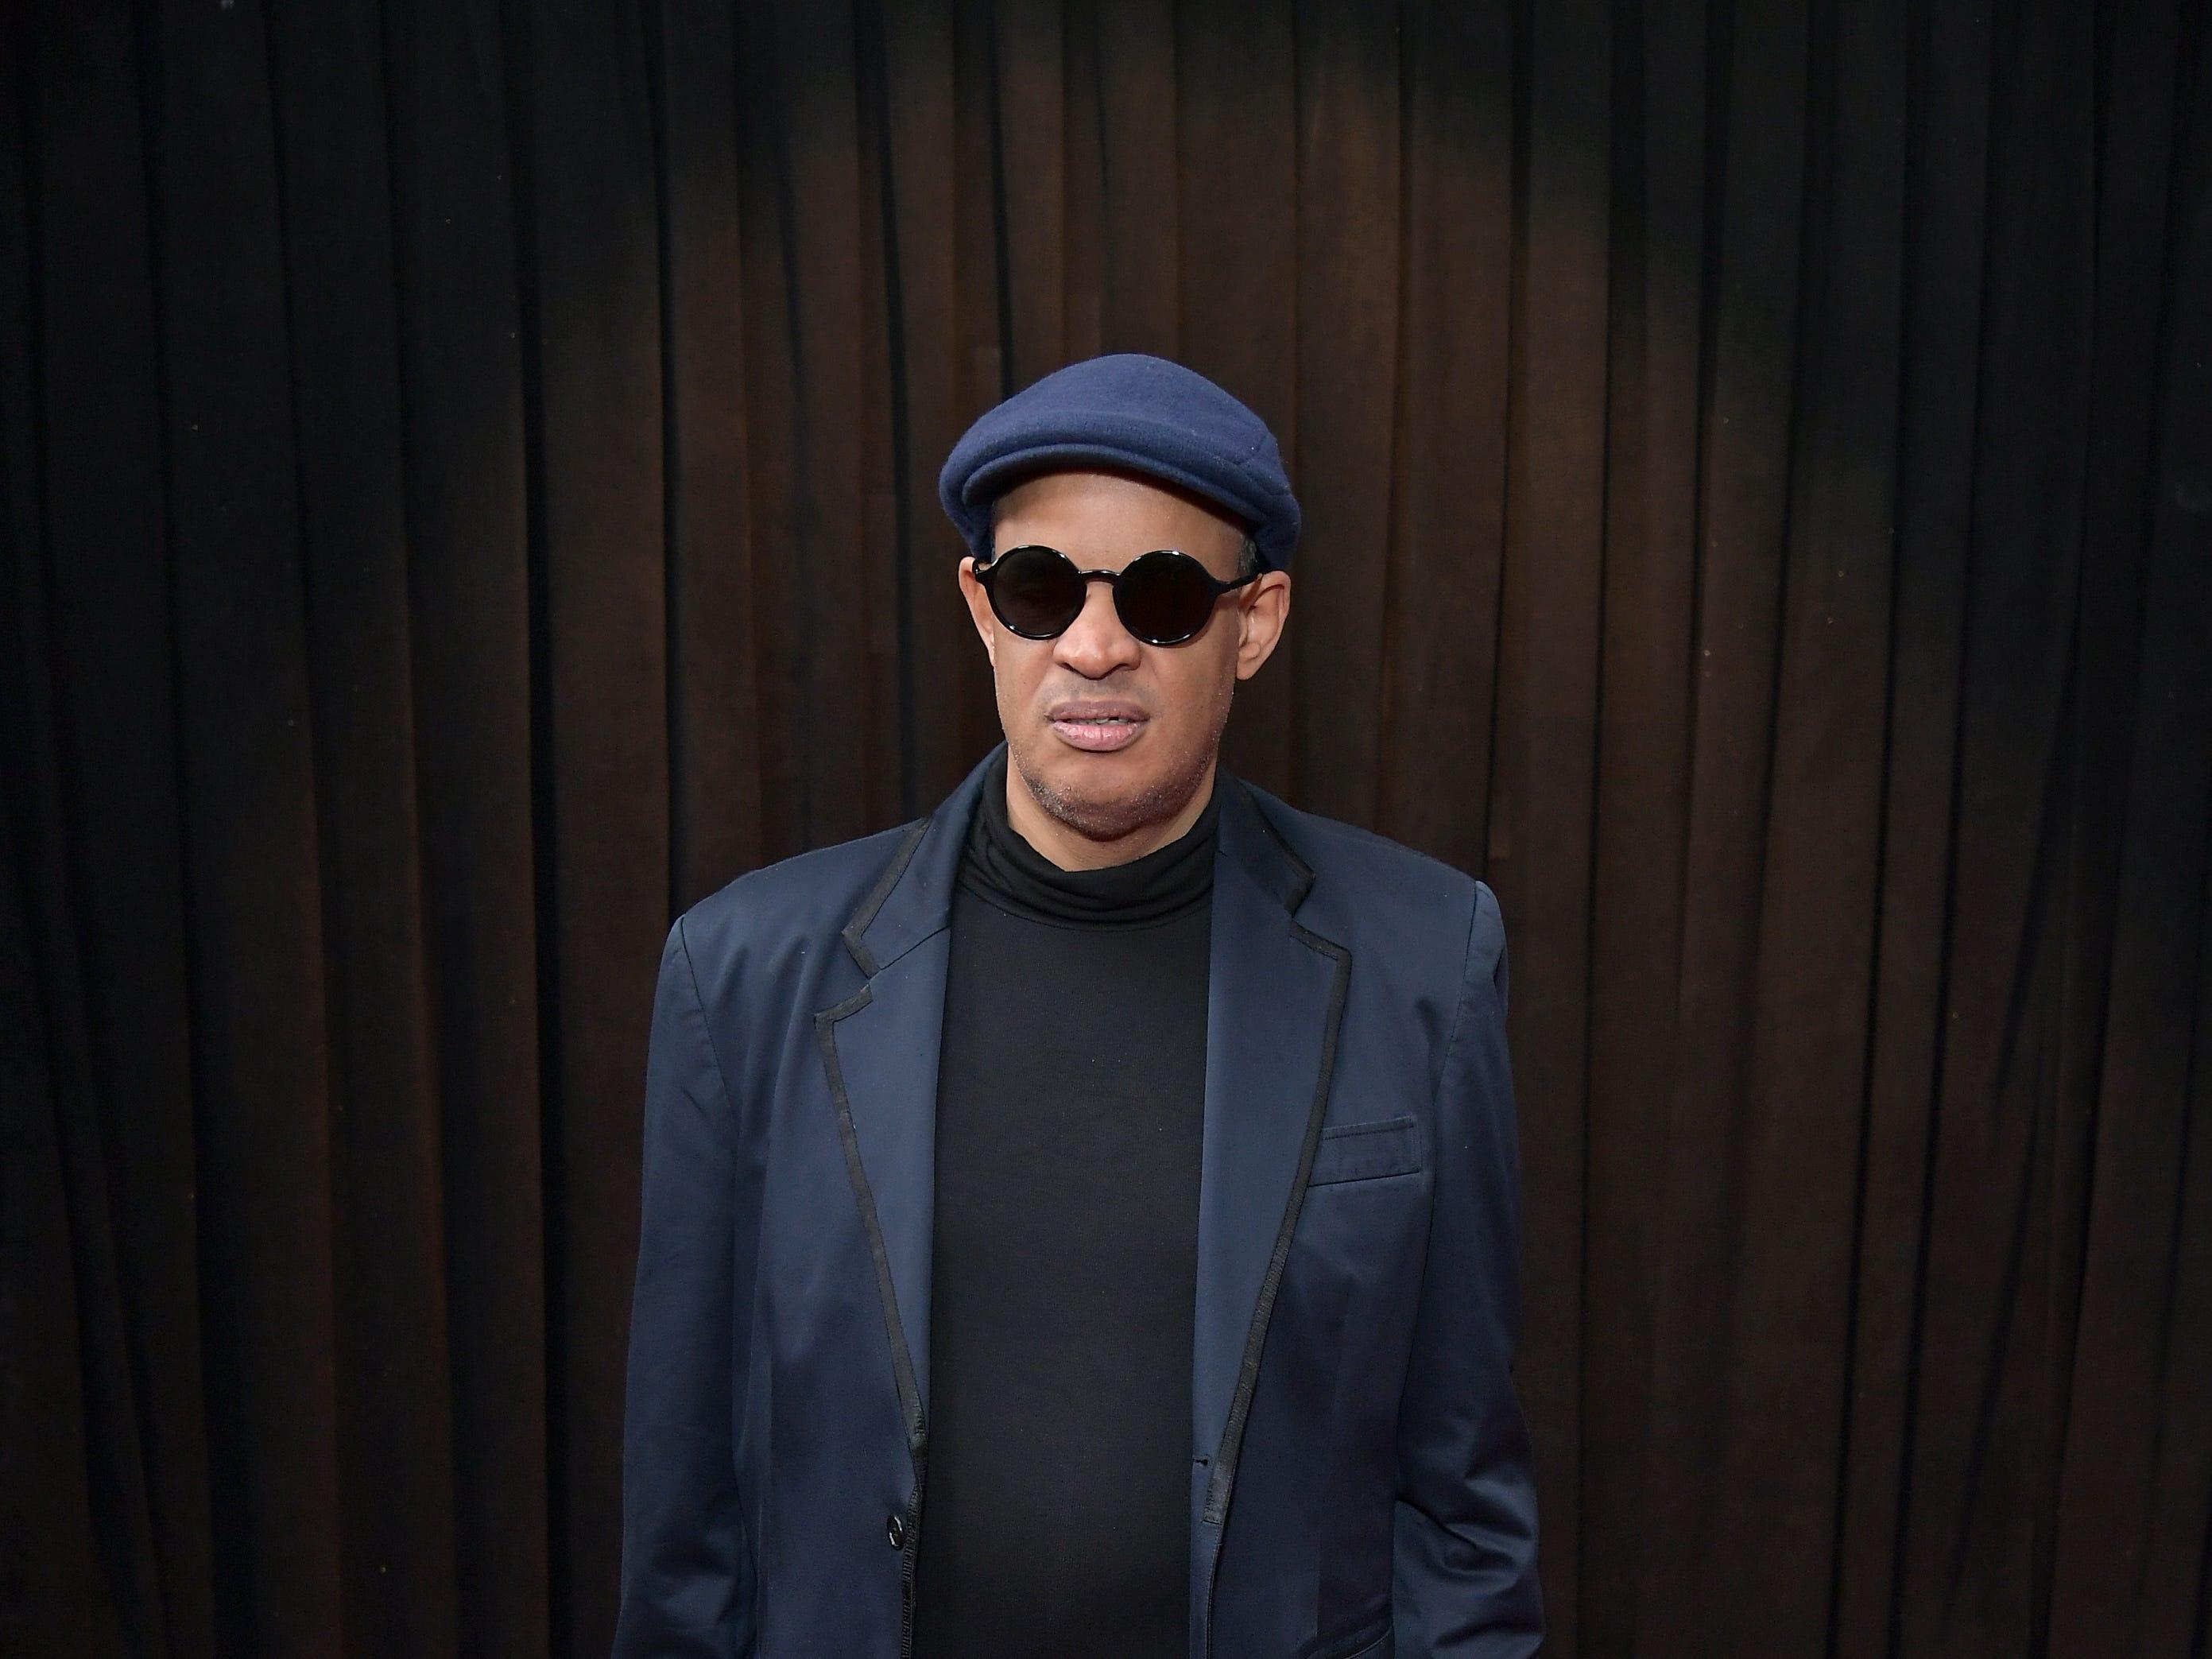 Raul Midán asiste a la 61ª edición de los premios GRAMMY en el Staples Center el 10 de febrero de 2019 en Los Ángeles, California.